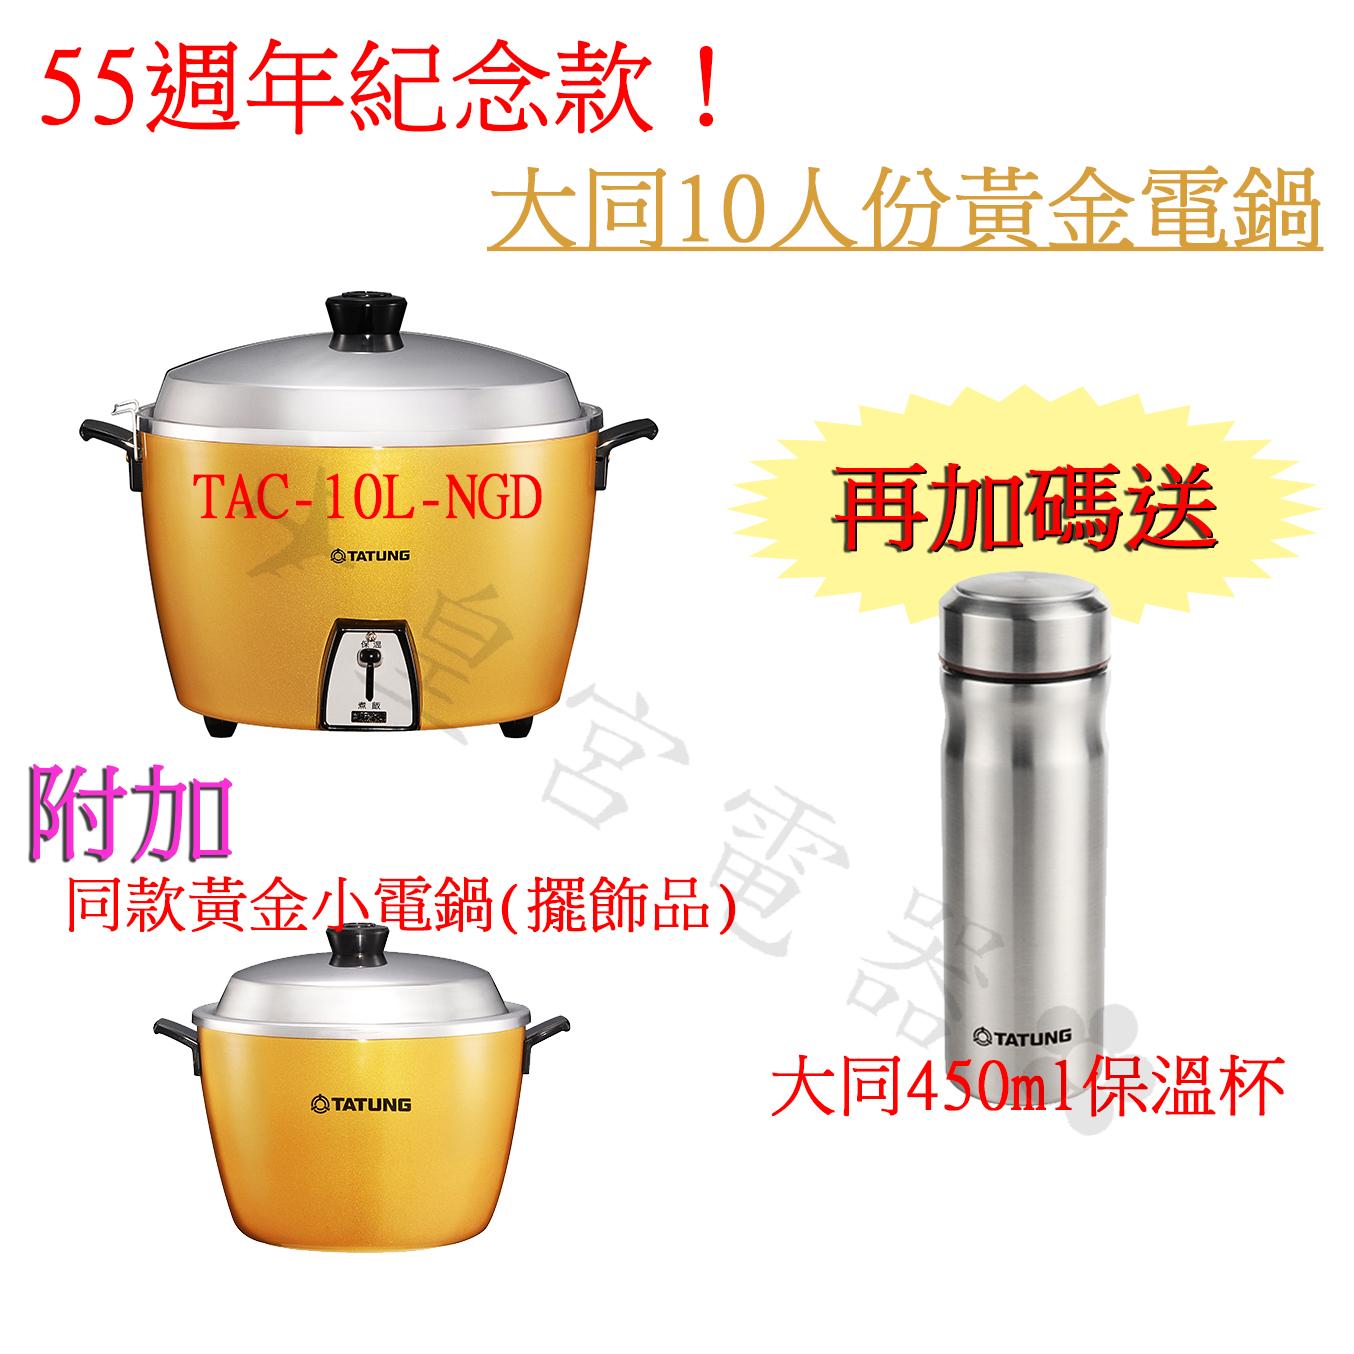 ✈皇宮電器✿大同10人份黃金電鍋TAC-10L-NGD 附加同款黃金小電鍋 加碼送大同不鏽鋼450ml保溫杯